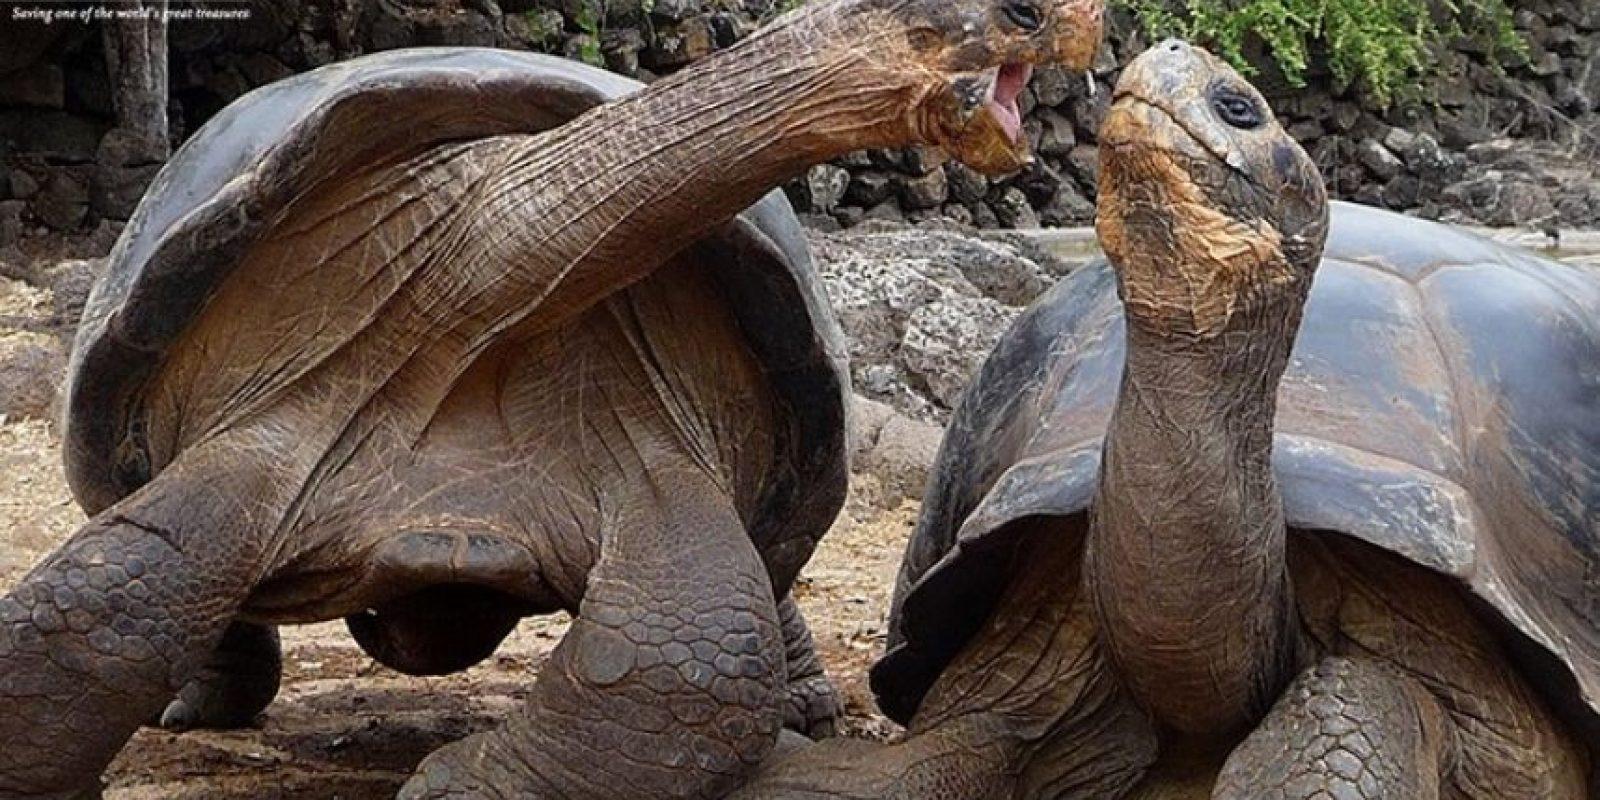 Tortugas gigantes de Galápagos Foto:Facebook.com/GalapagosConservancy